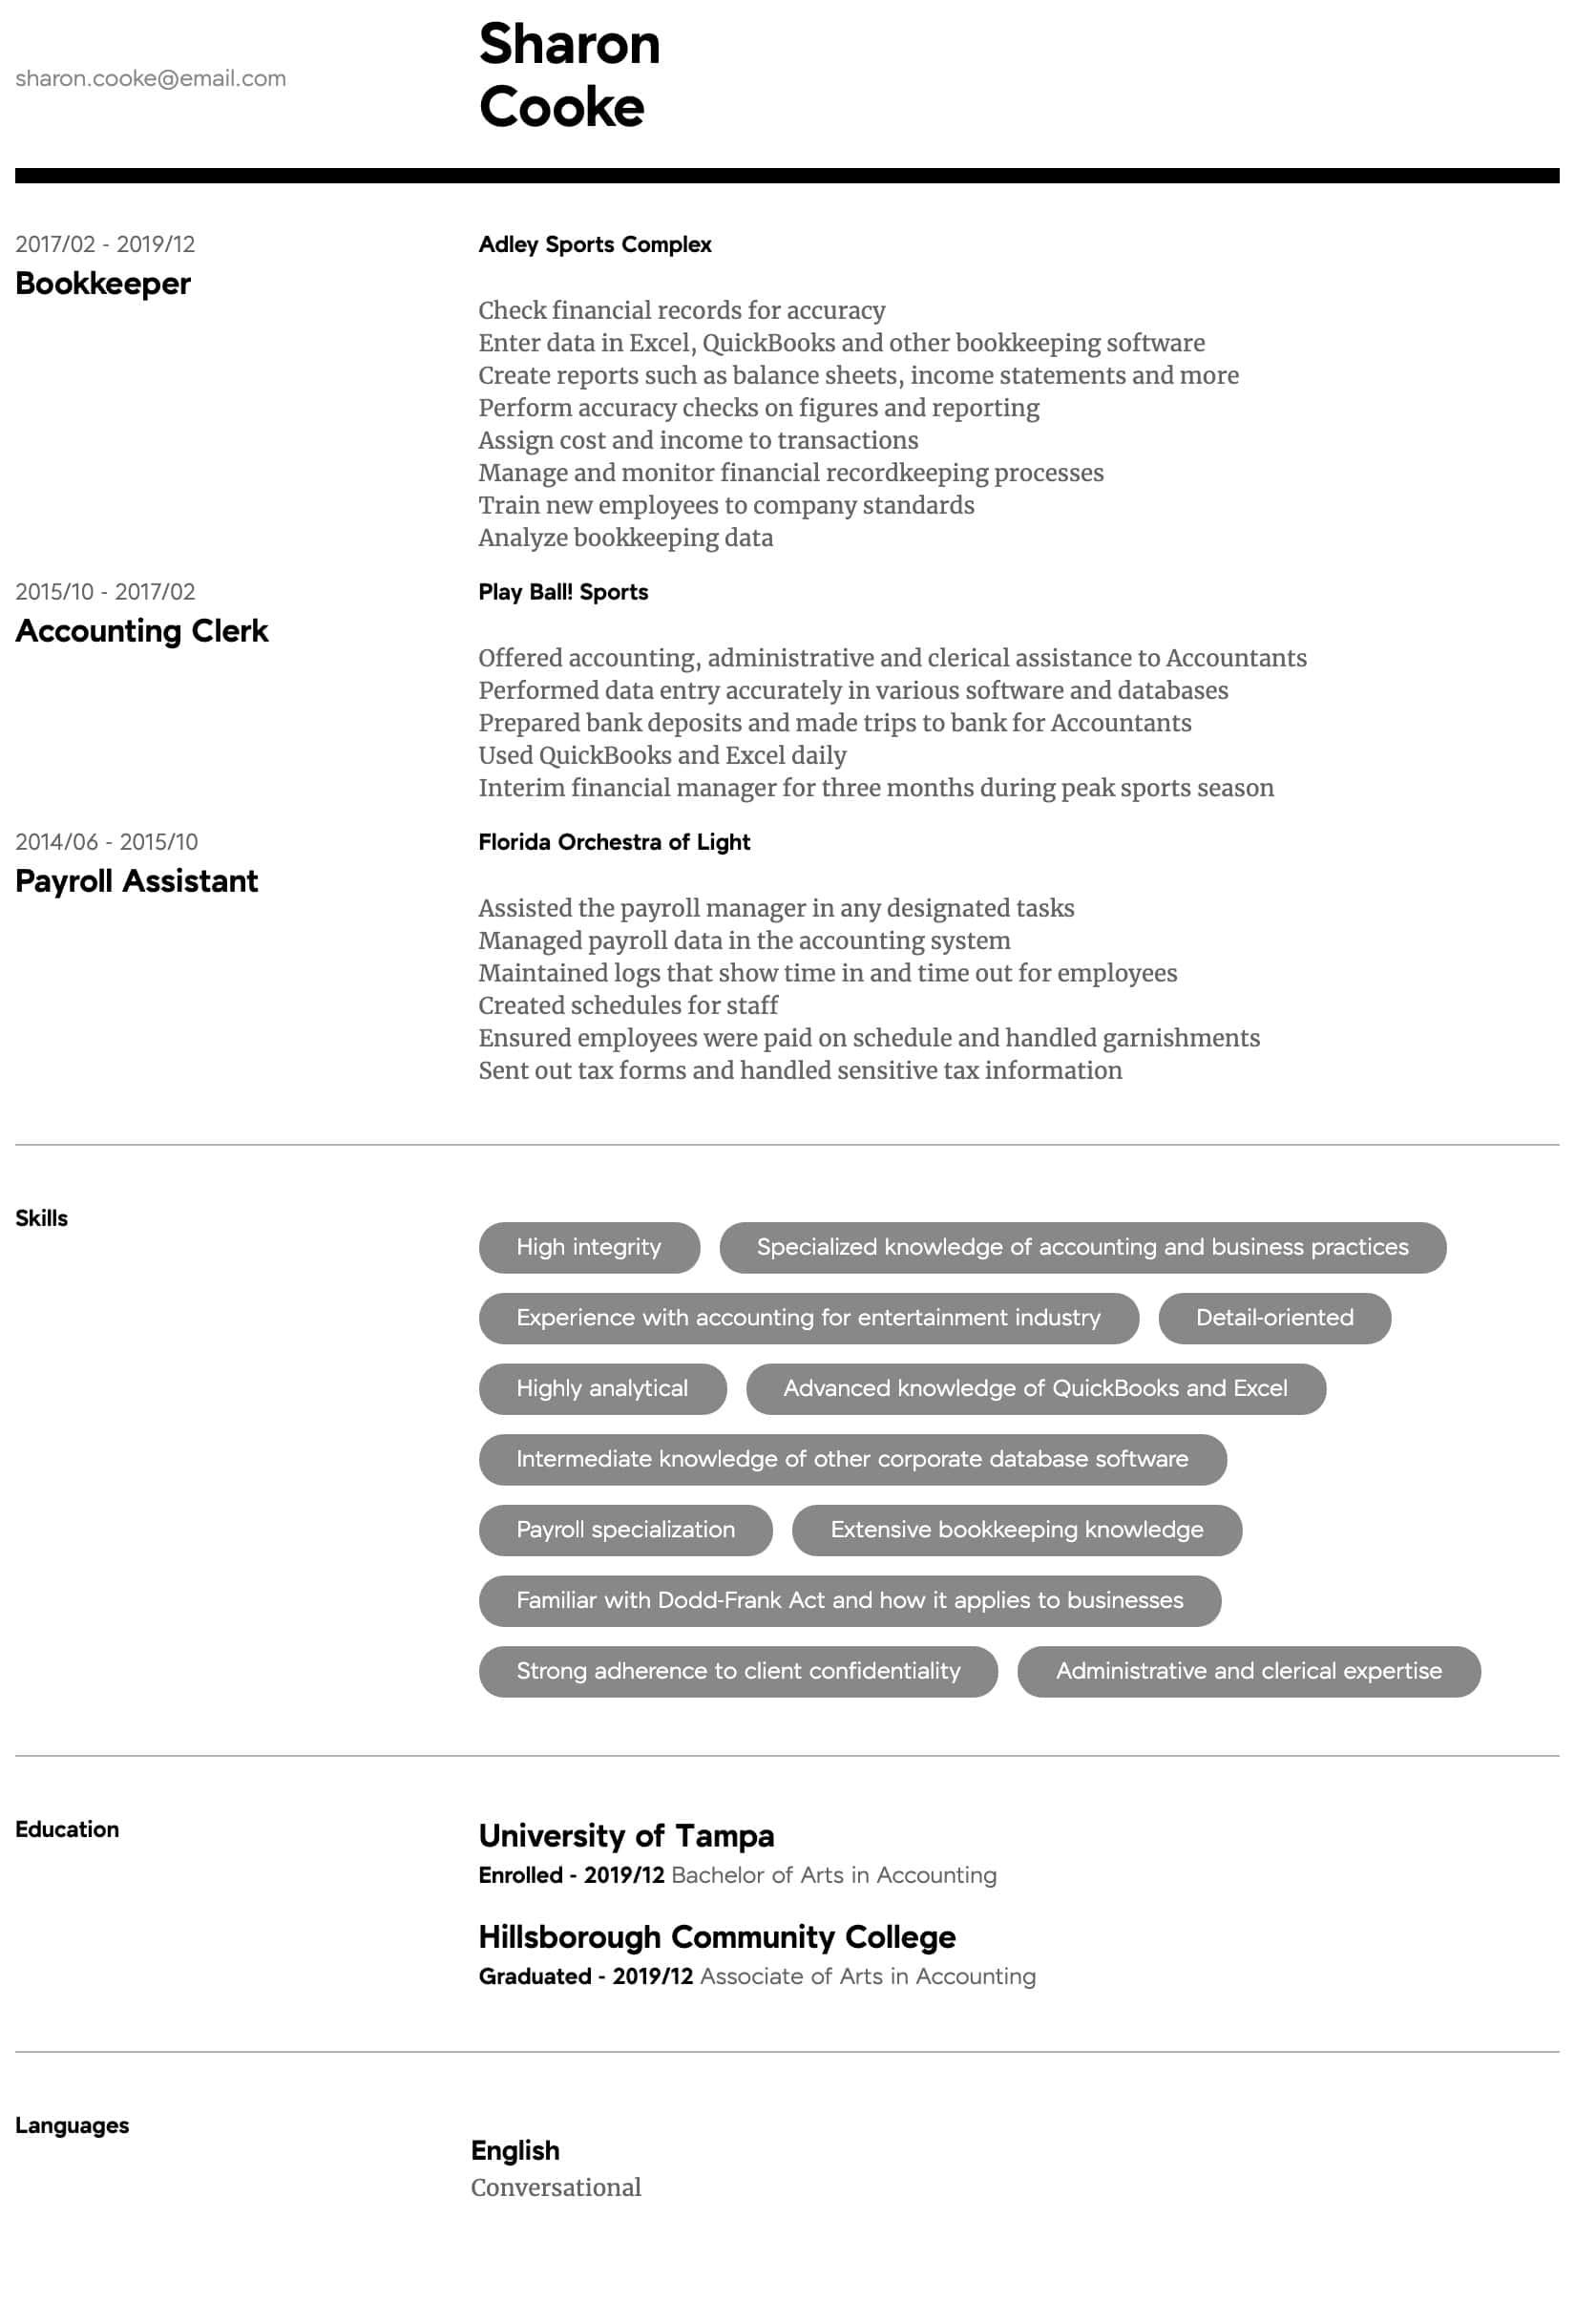 Accountant Resume Samples All Experience Levels Resume Com Resume Com